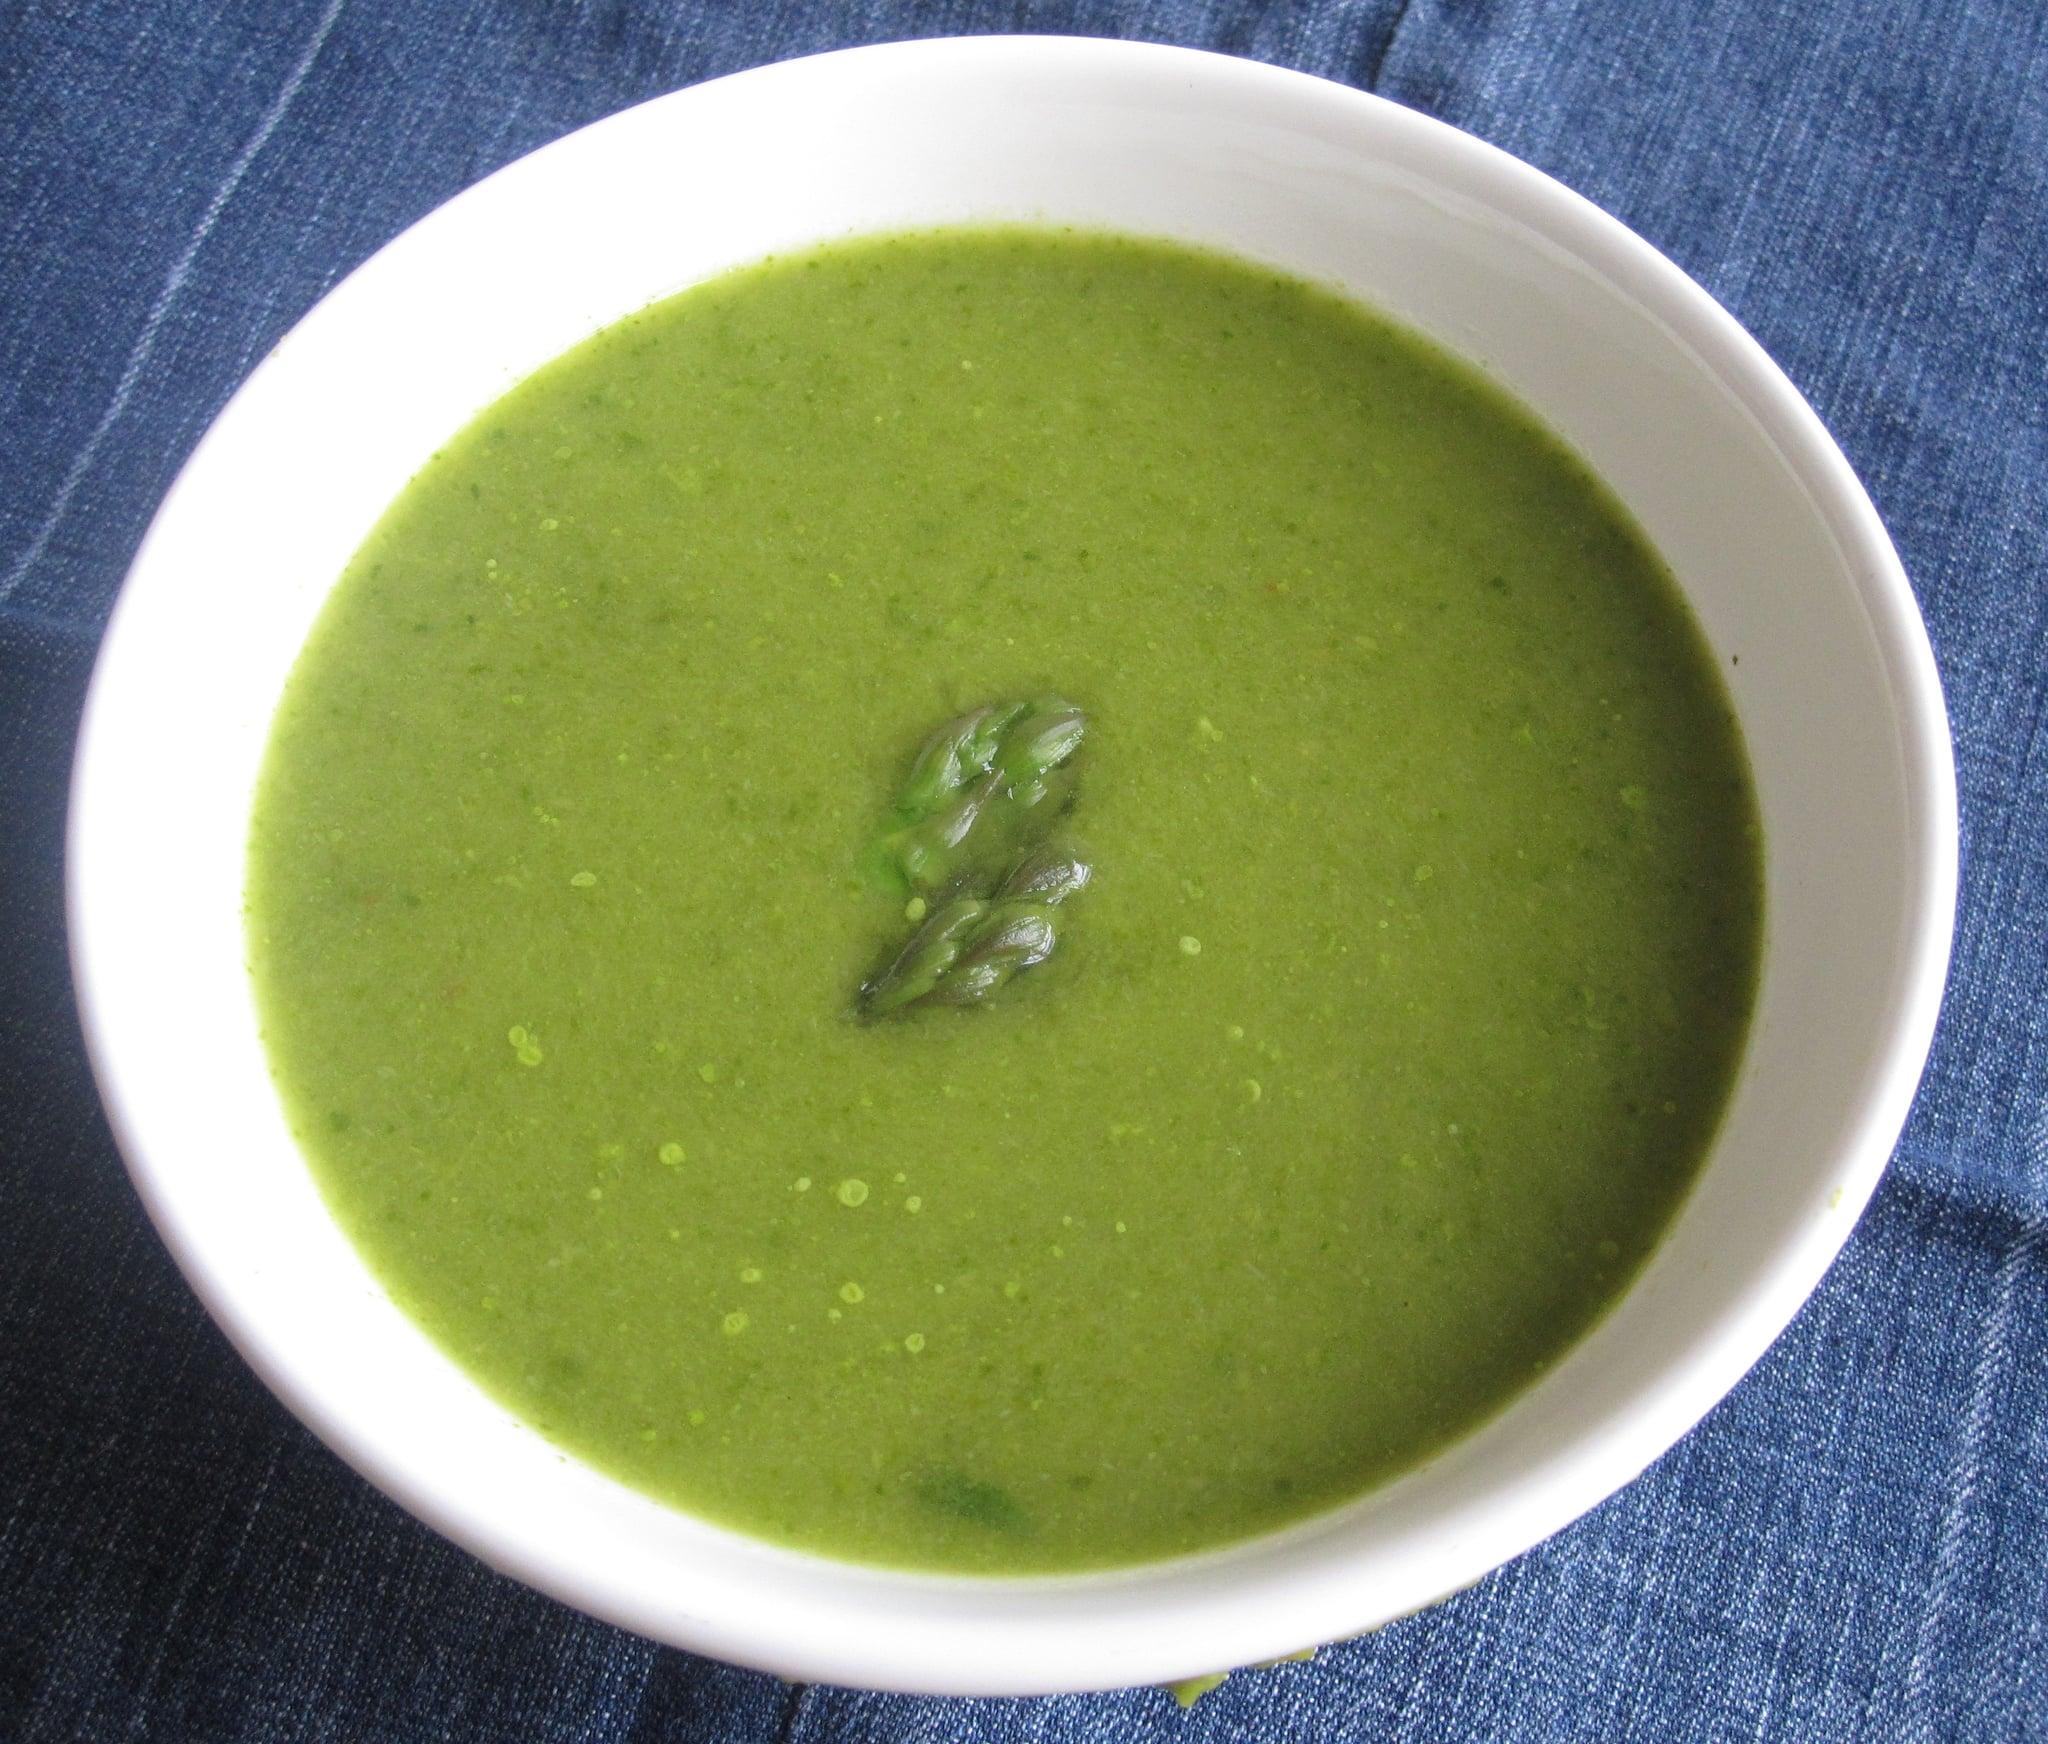 Soup Recipes Asparagus: Time To Reset: 10 Low-Calorie Detox Soups